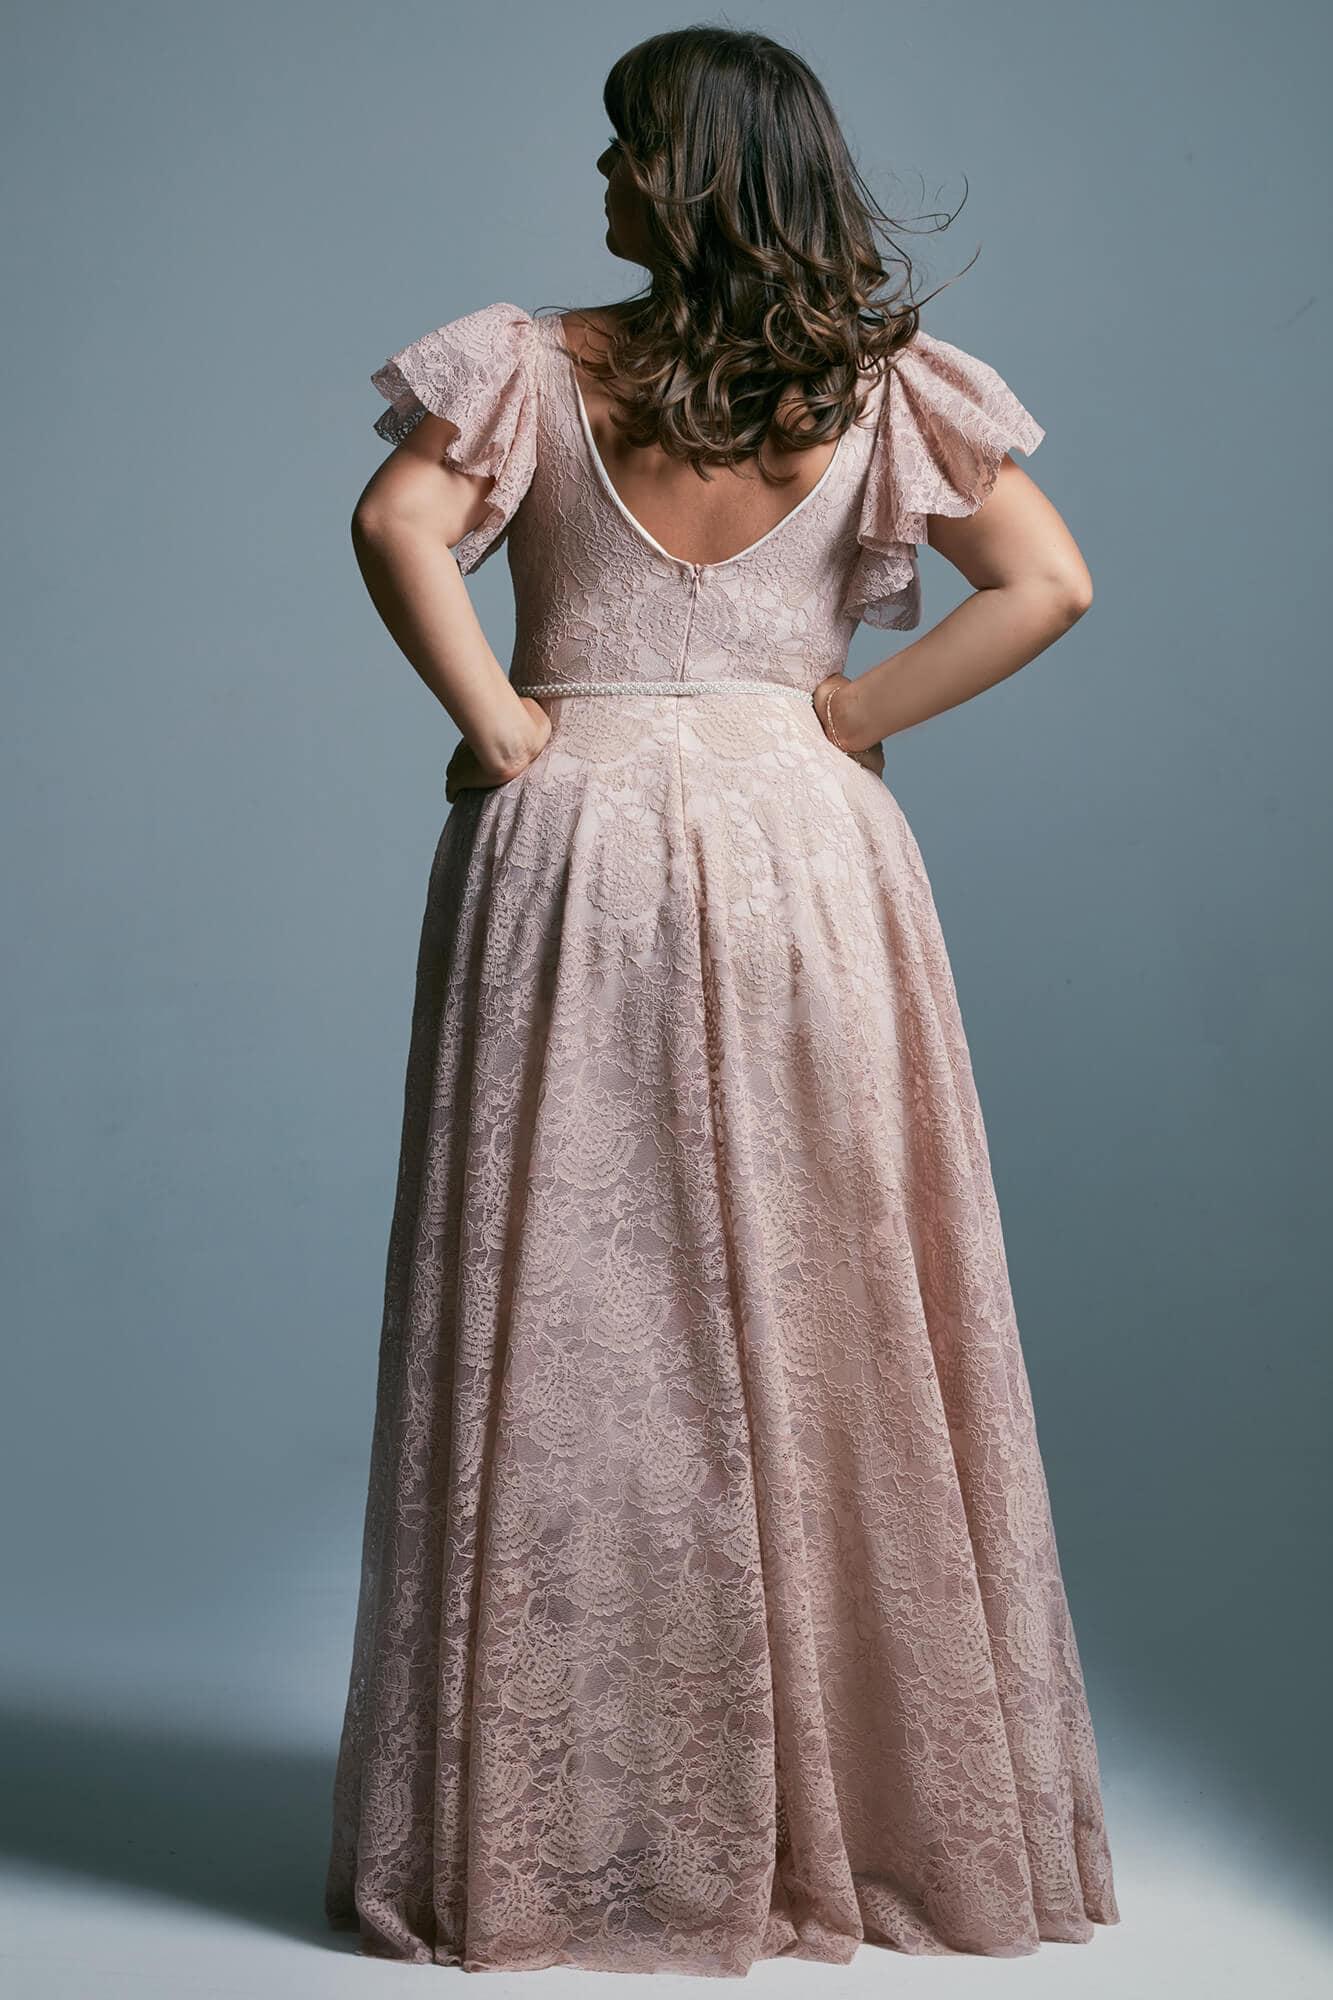 Princess dress - plus size pink wedding dress Venezia 4 plus size